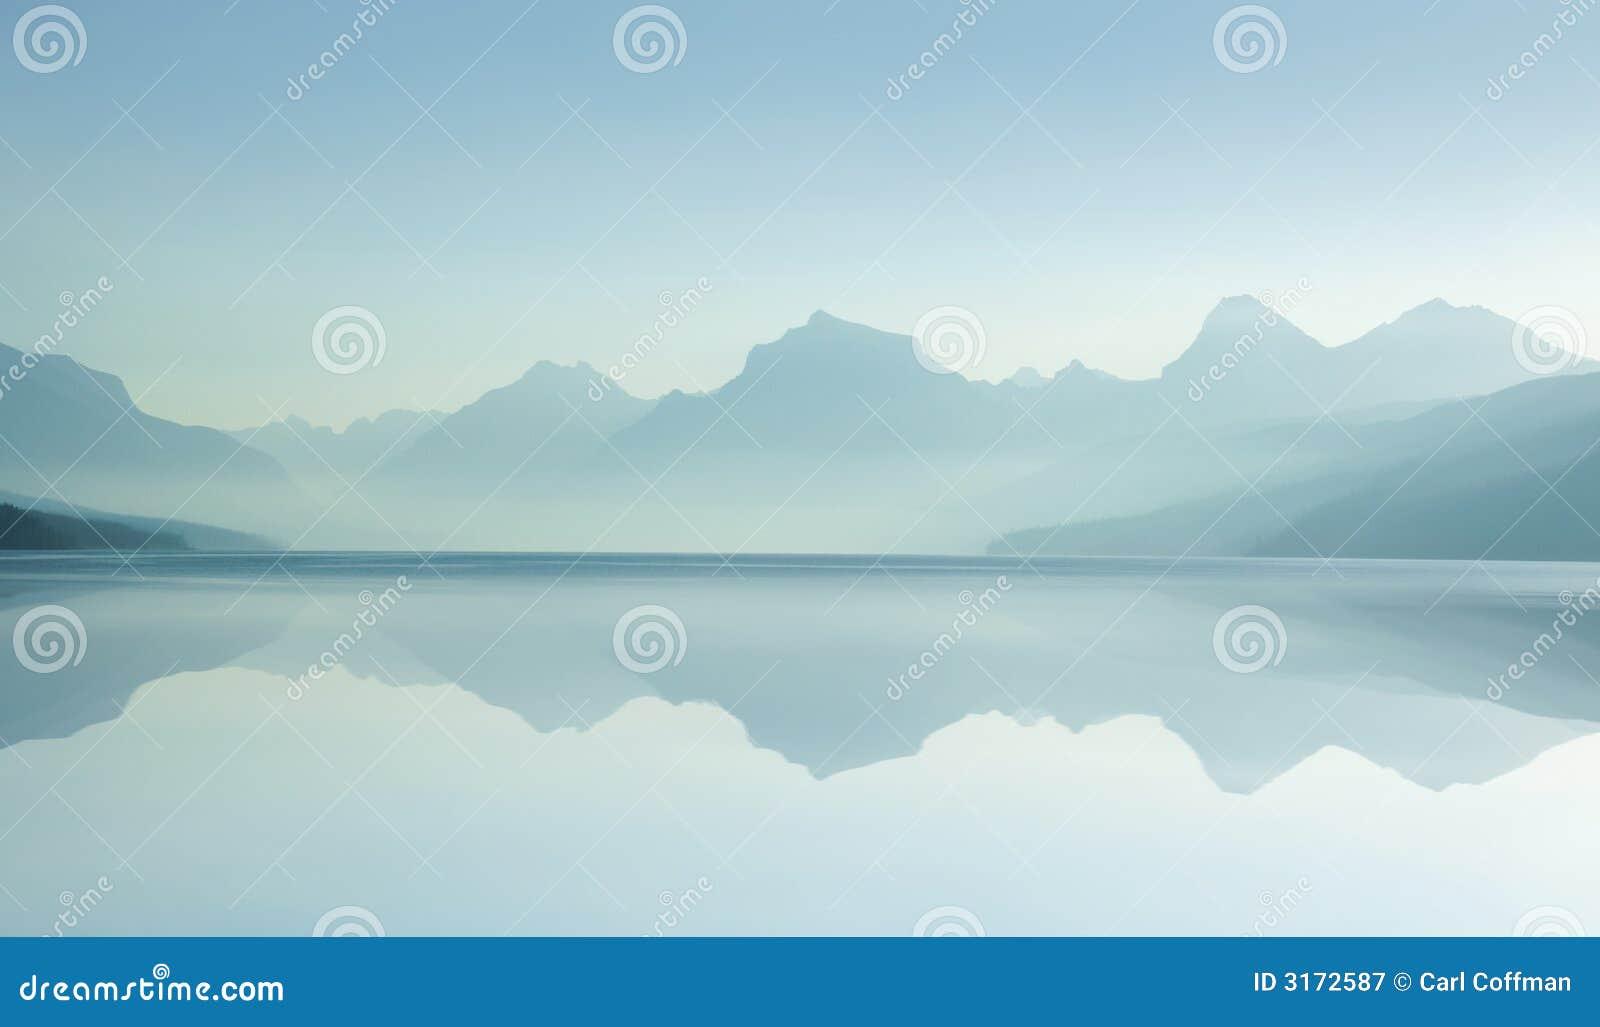 Lago enevoado D 8-07